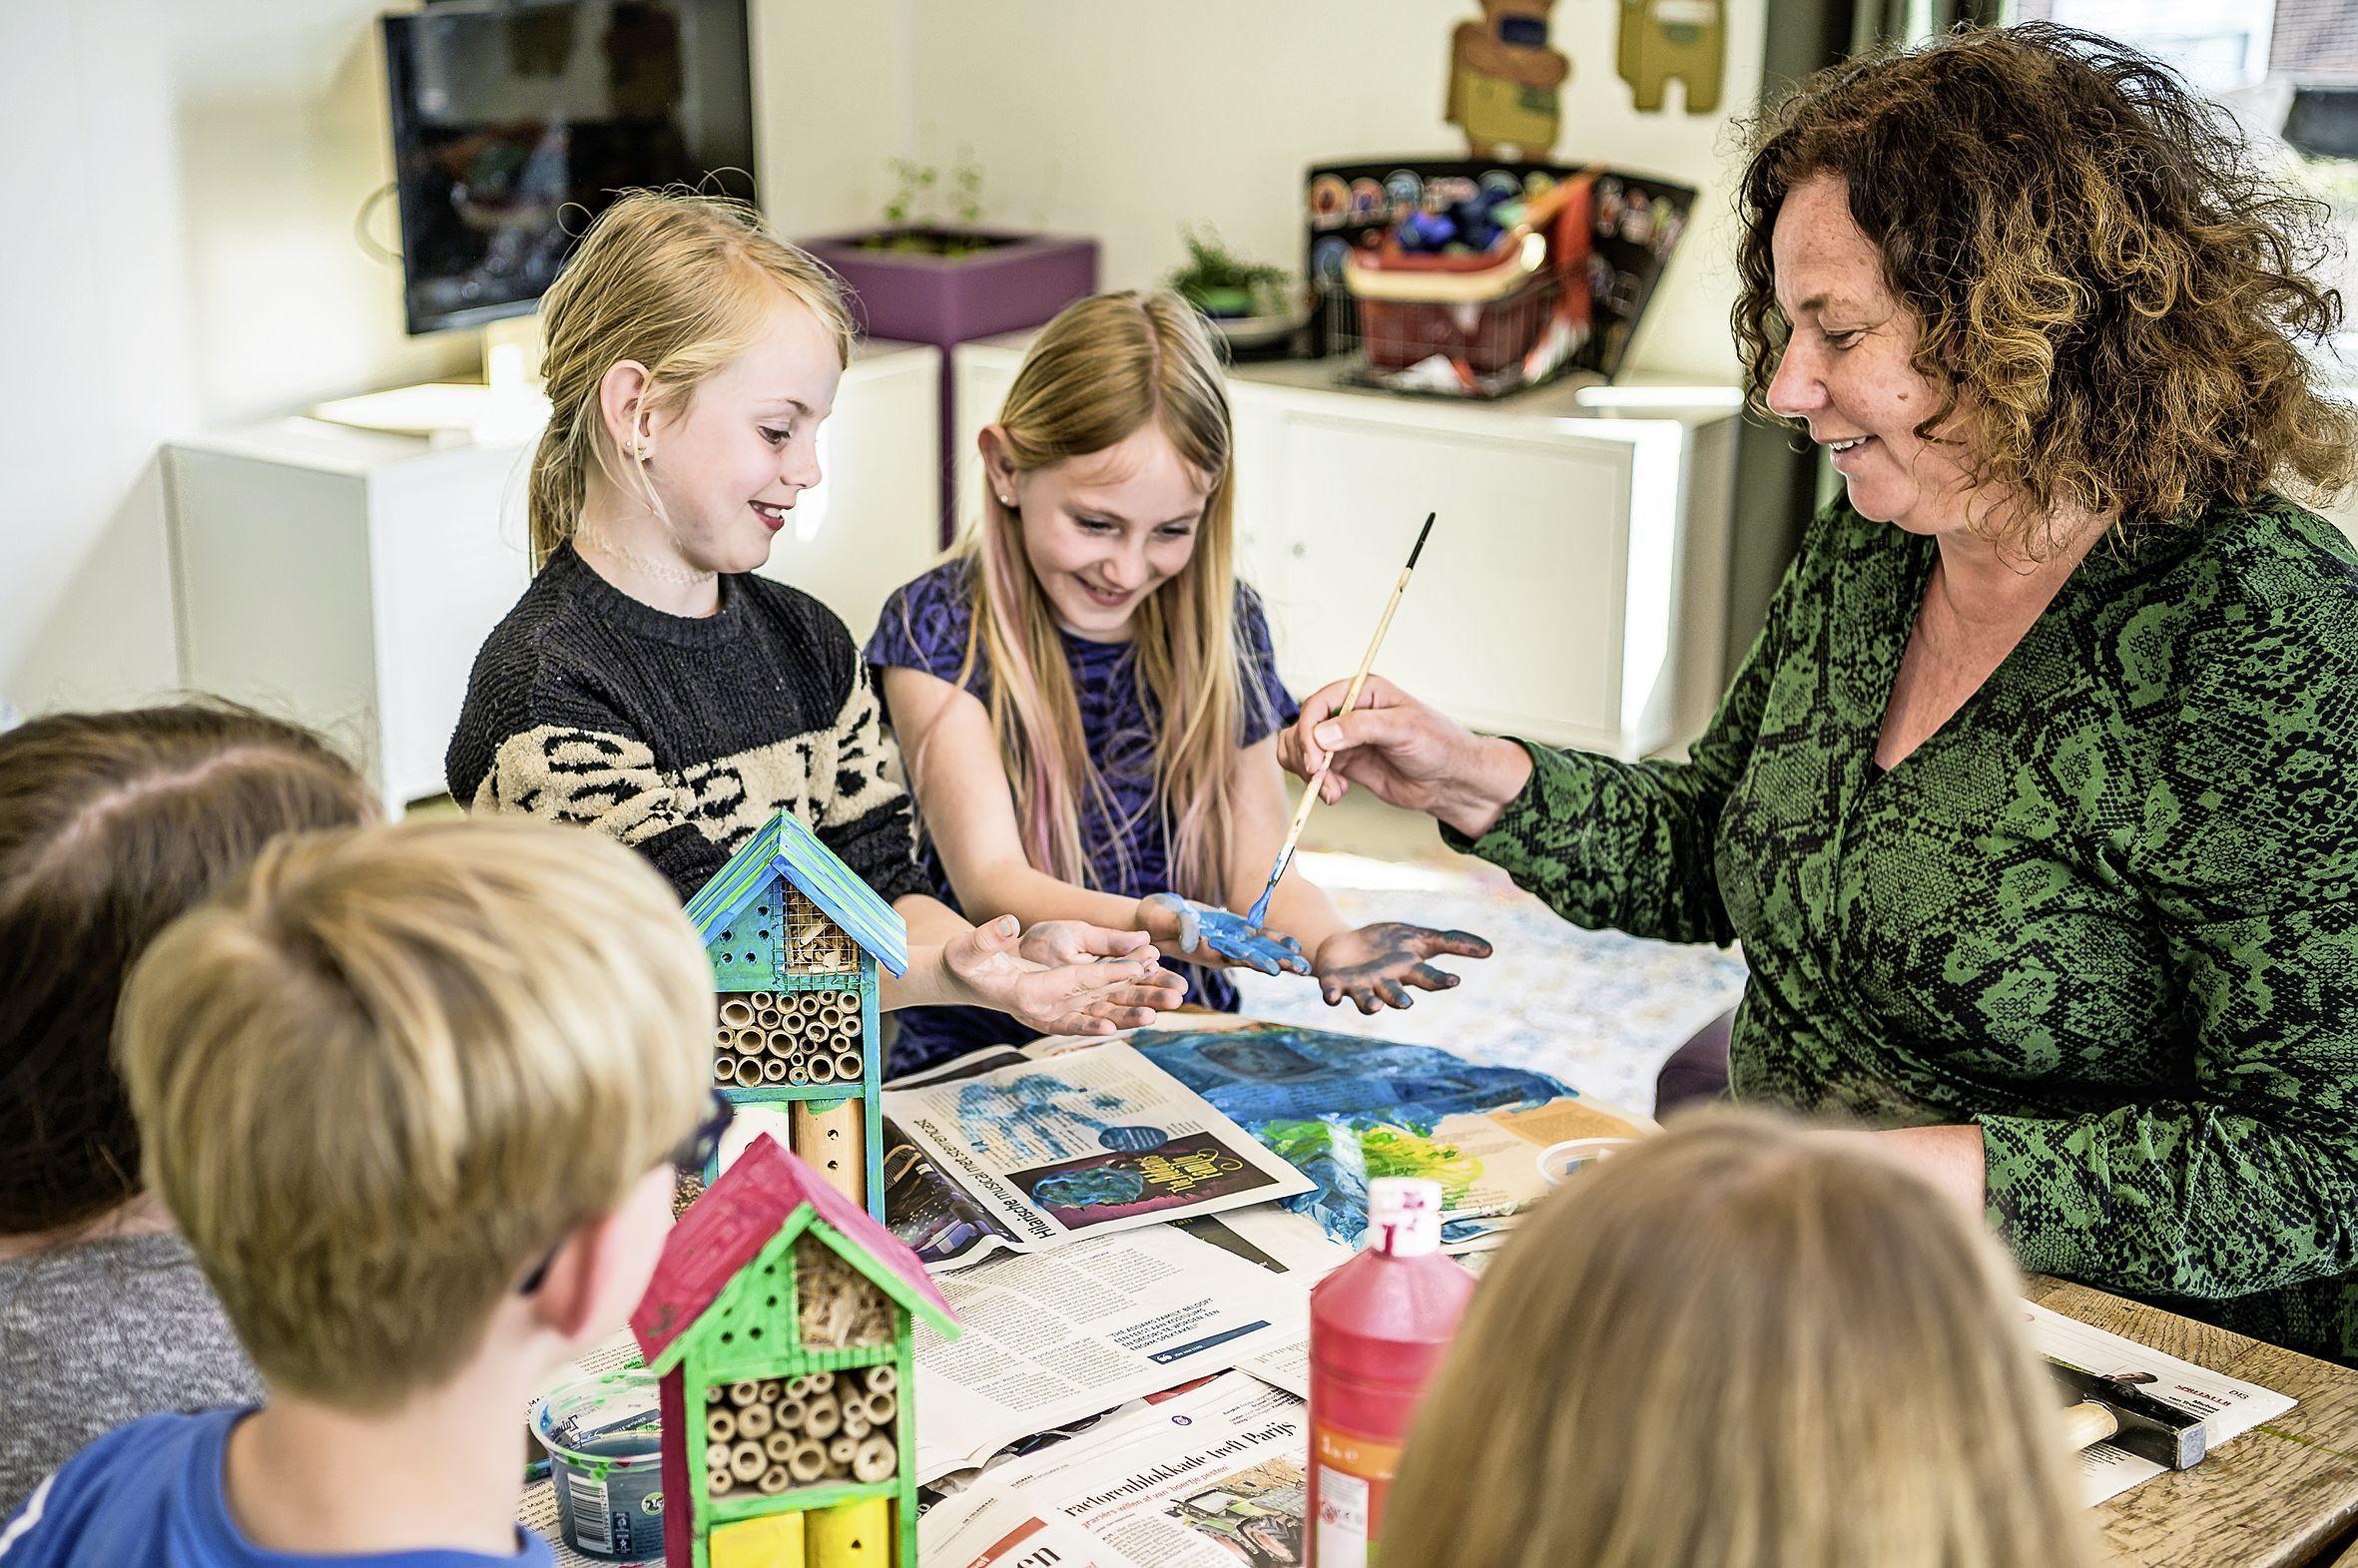 De buitenschoolse opvang in Assendelft verwelkomt weer meer dan vijftig kinderen: 'Het is een soort openingsfeestje'